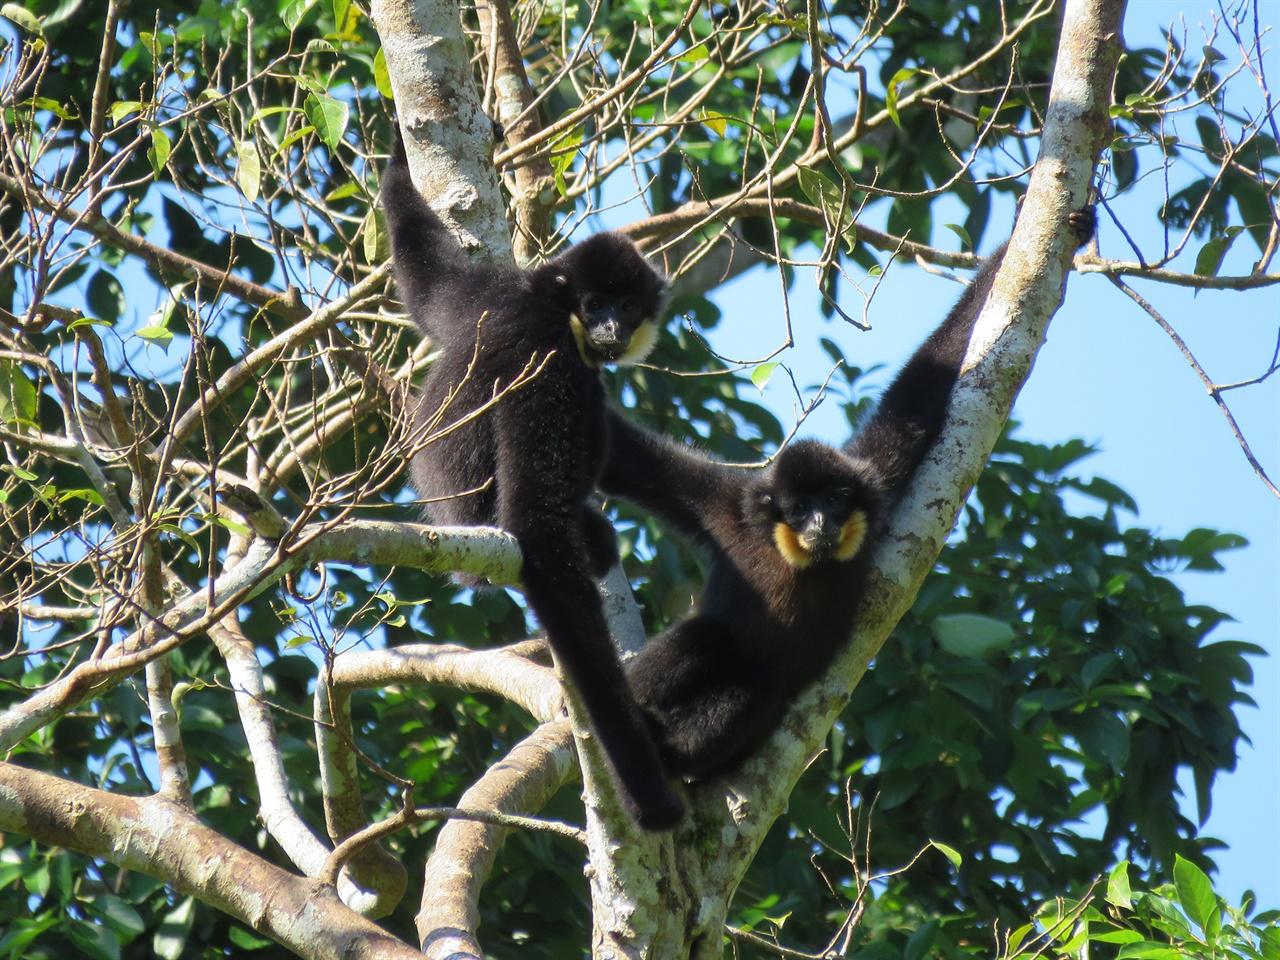 깟띠엔 국립공원의 긴팔원숭이들